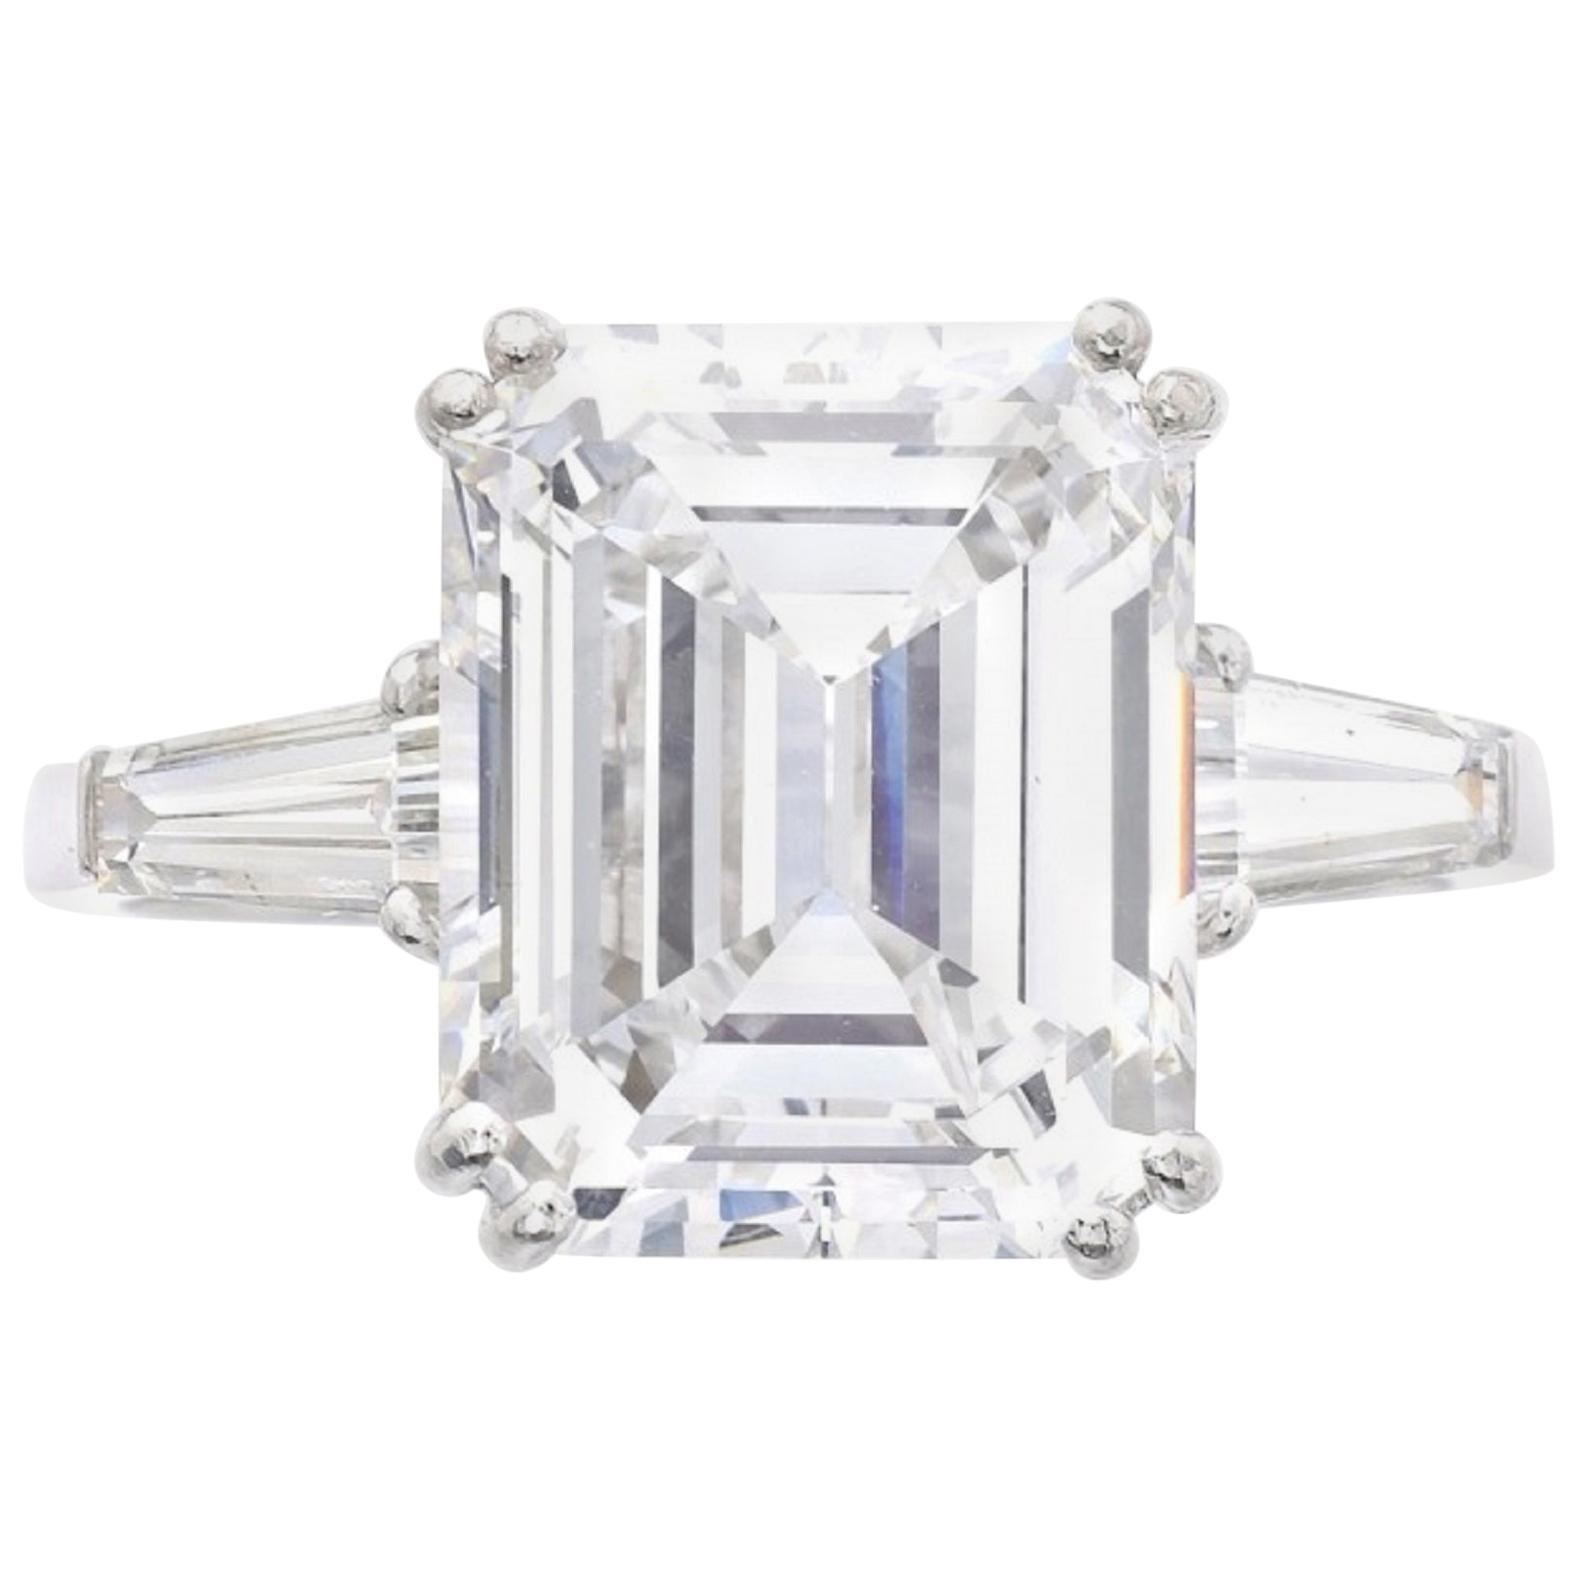 I FLAWLESS GIA Certified 2 Carat Emerald Cut Diamond Ring